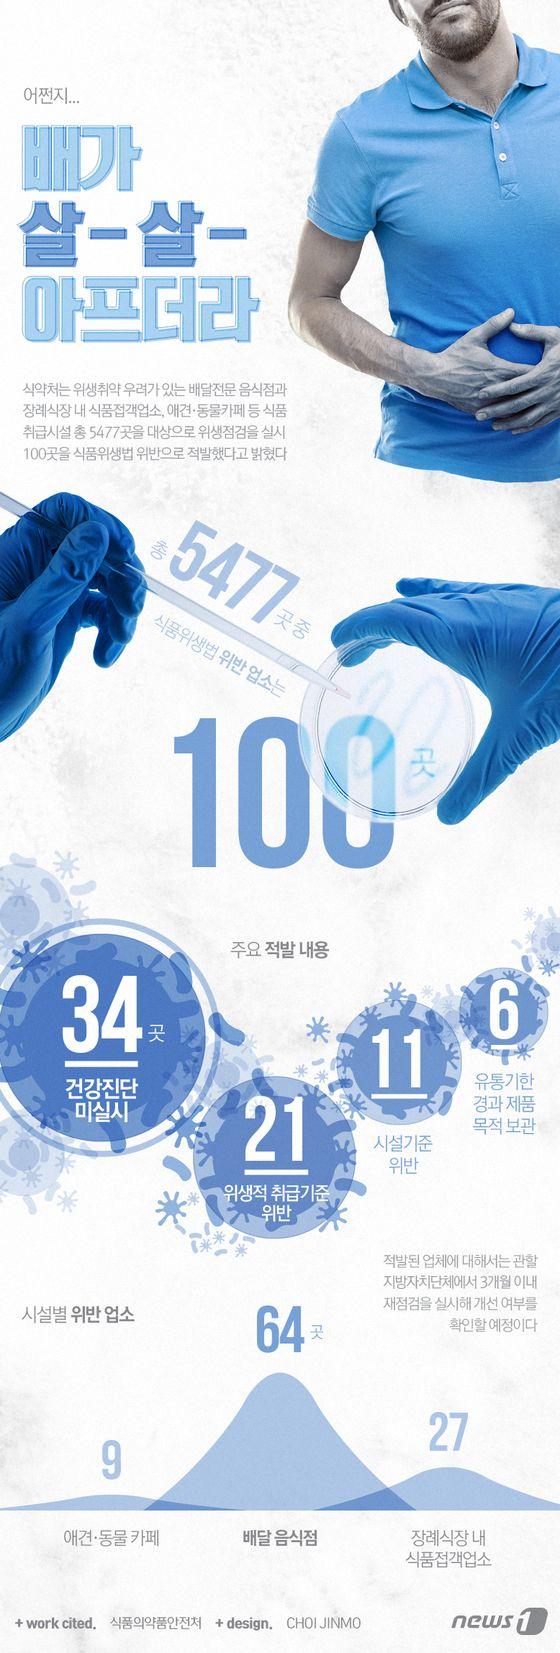 [그래픽뉴스]식품취급시설 100곳 위생점검 적발